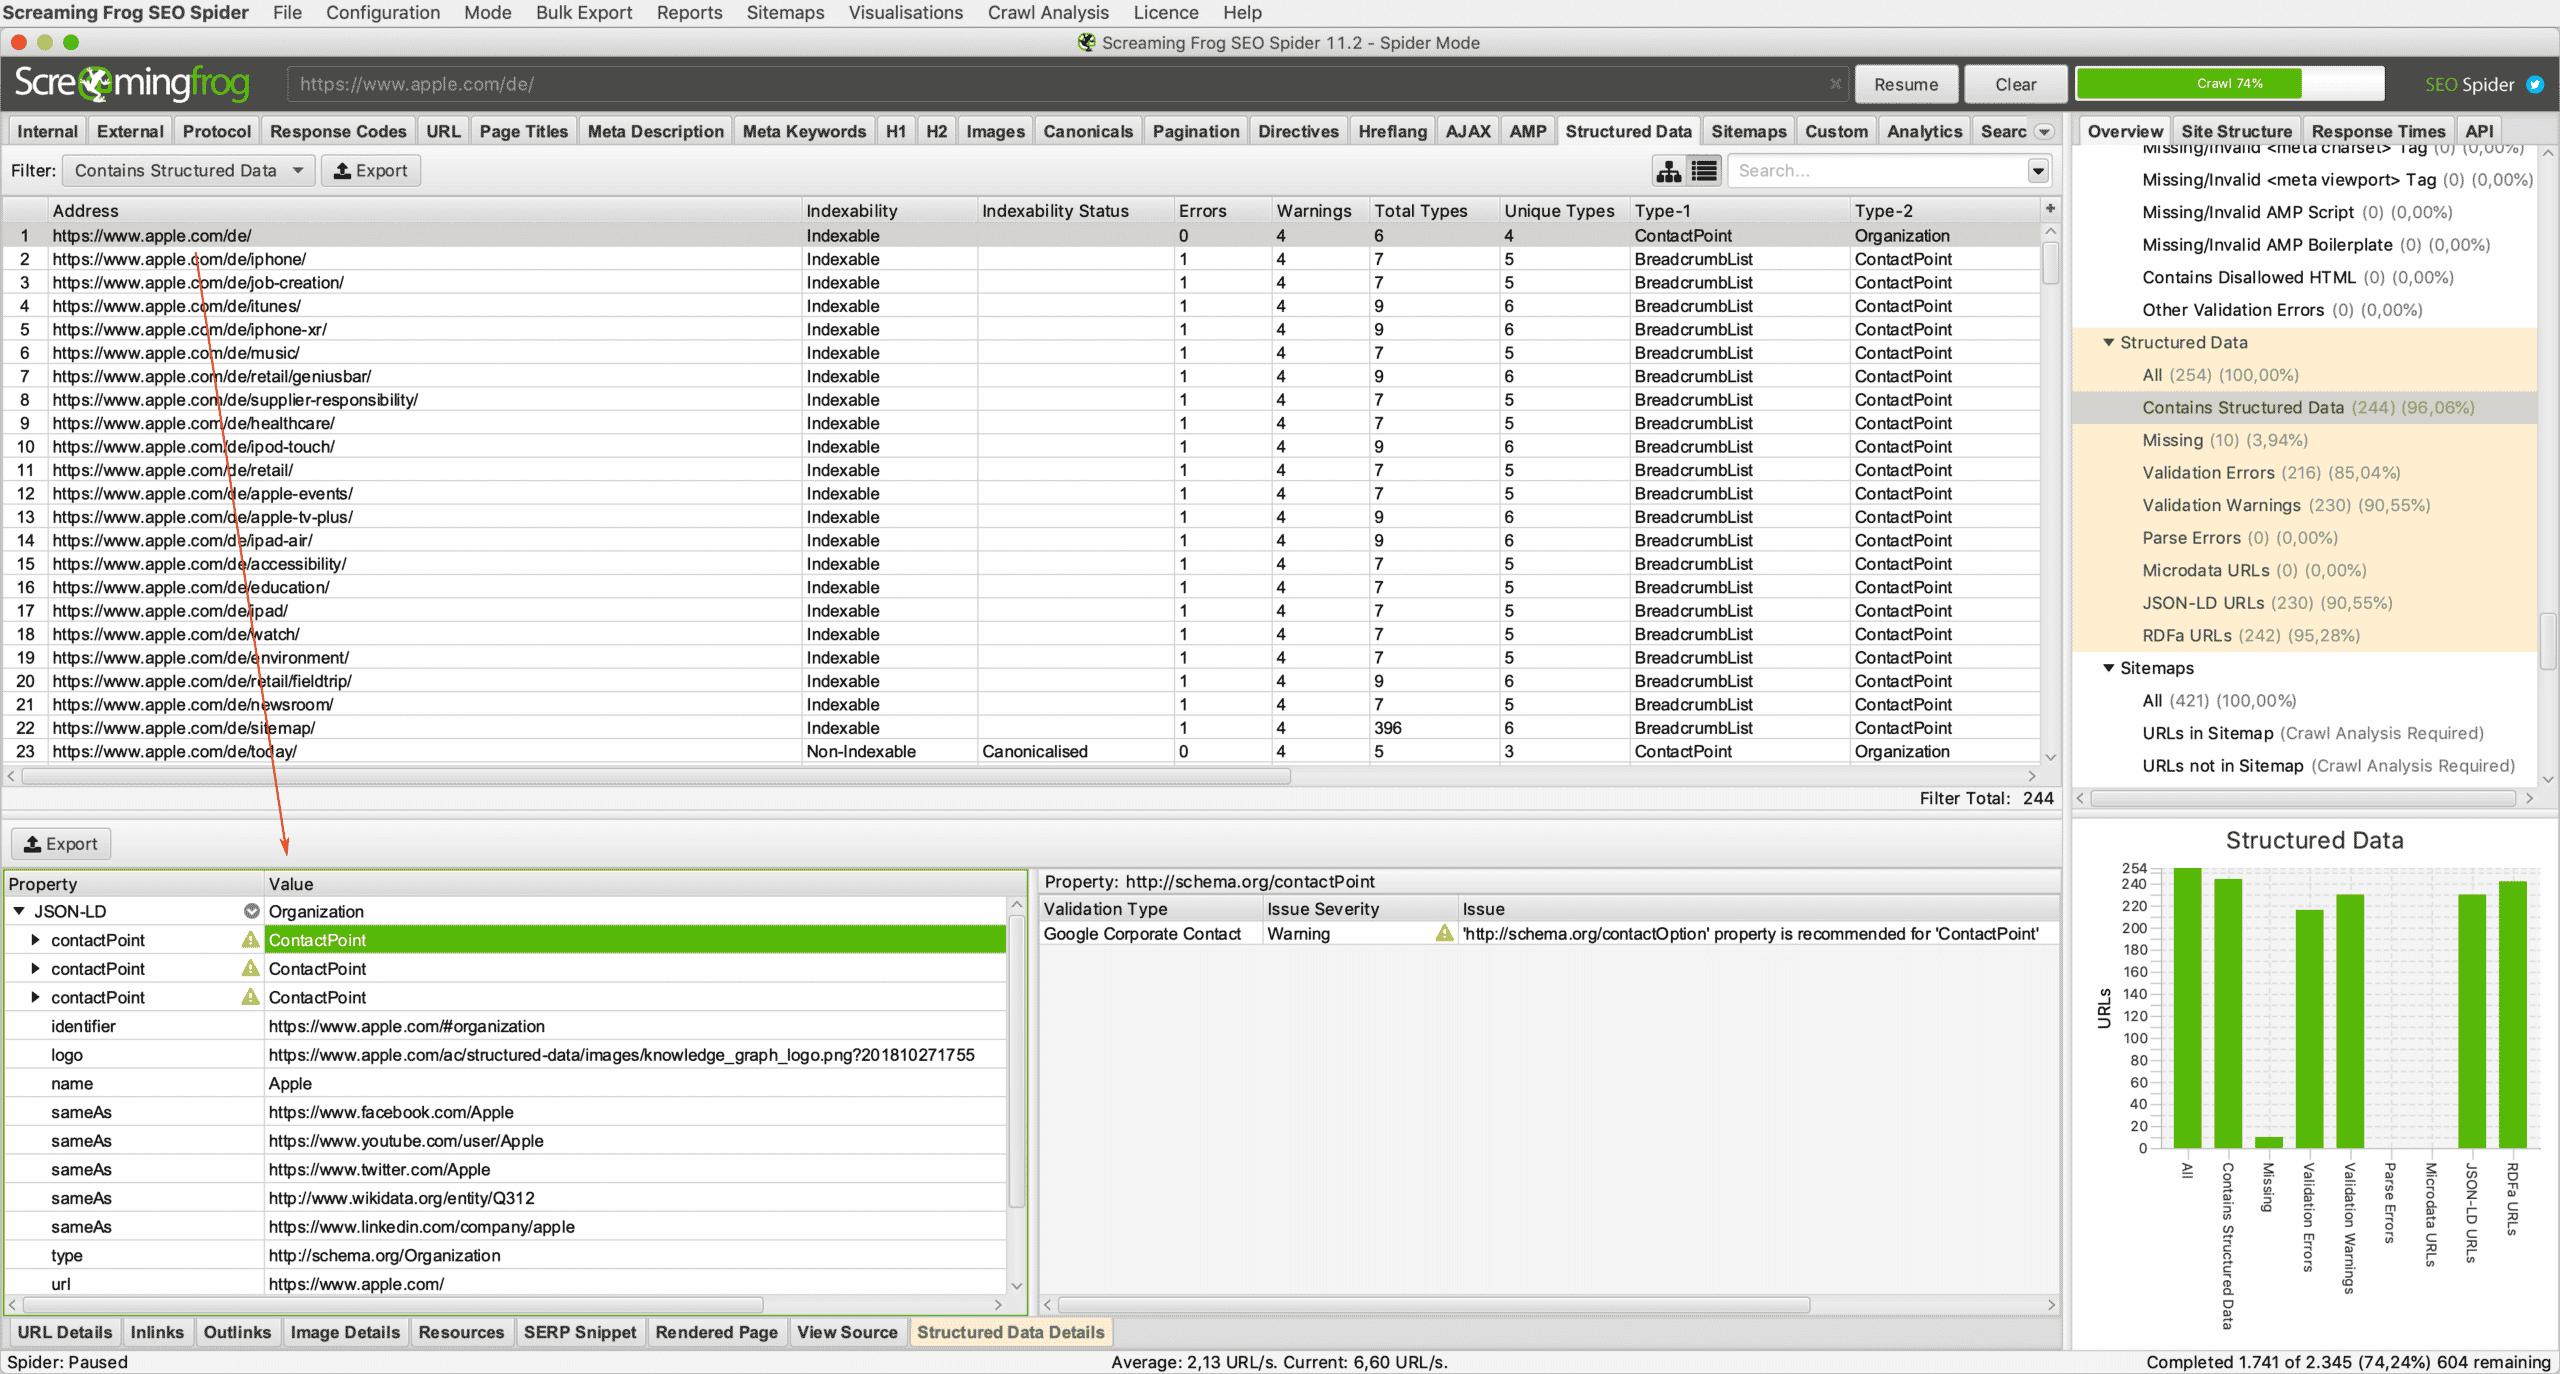 Strukturdaten (Structured Data) analysieren und validieren